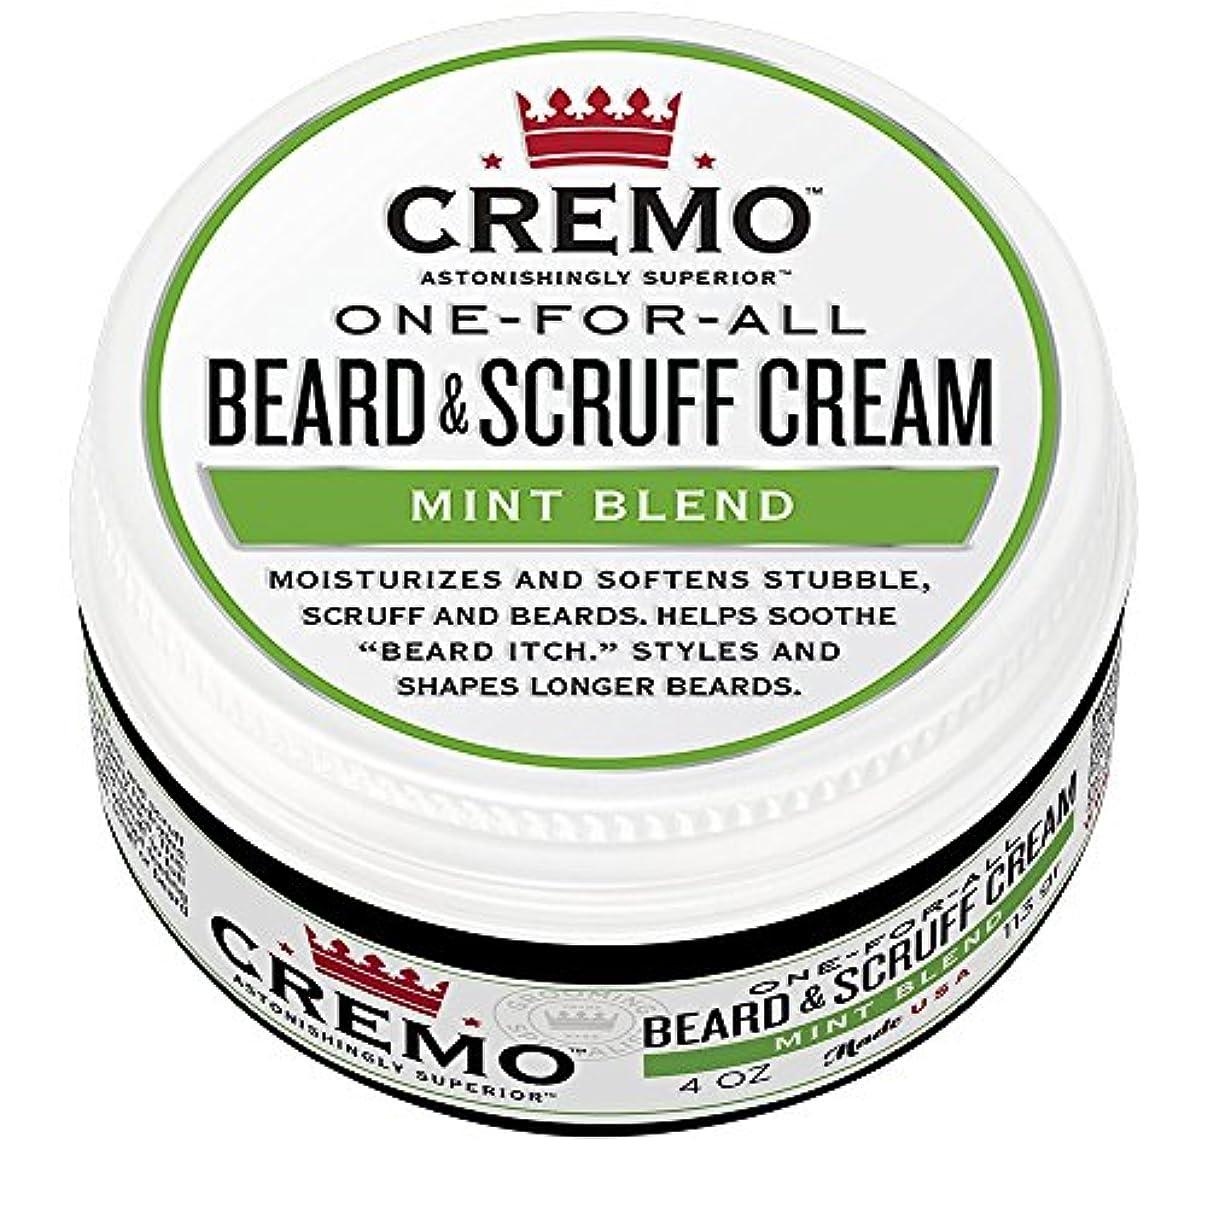 満州高層ビルモンクCremo ビアード&首筋クリーム、ミントのブレンドの香り、潤い、スタイルとひげのすべての長さについてはビアードかゆみを軽減し、4オンスをブレンド、包装は変更になる場合があります